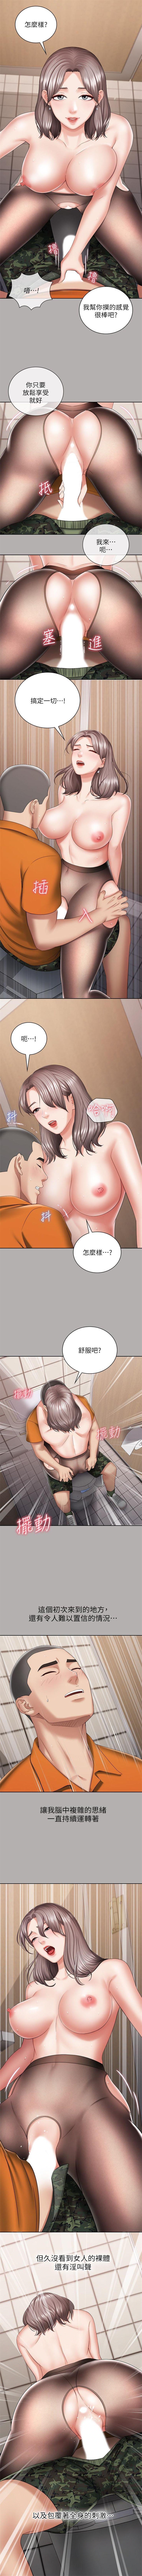 (週6)妹妹的義務 1-19 中文翻譯(更新中) 166